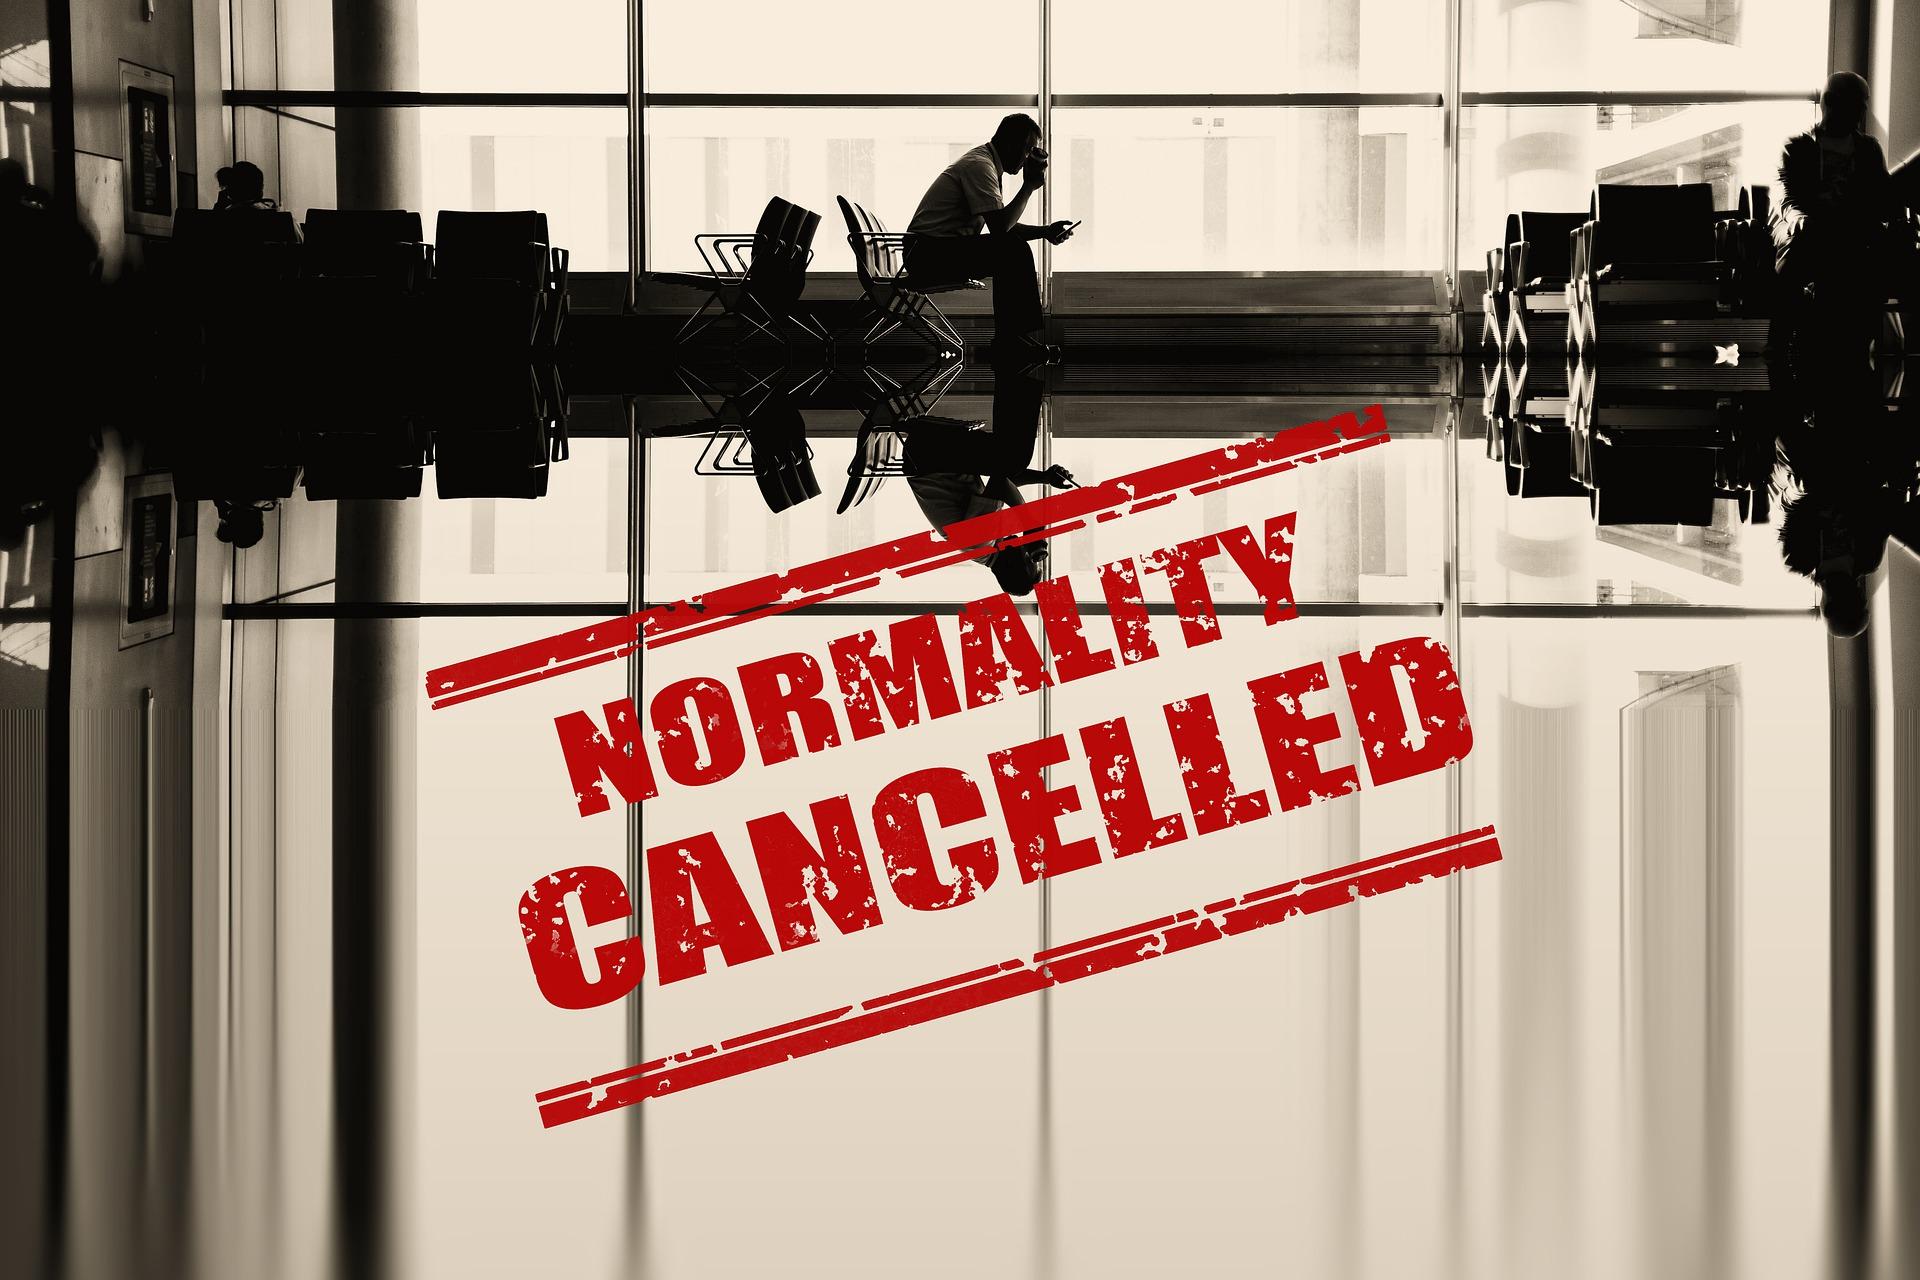 normality cancelled von Gerd Altmann auf Pixabay